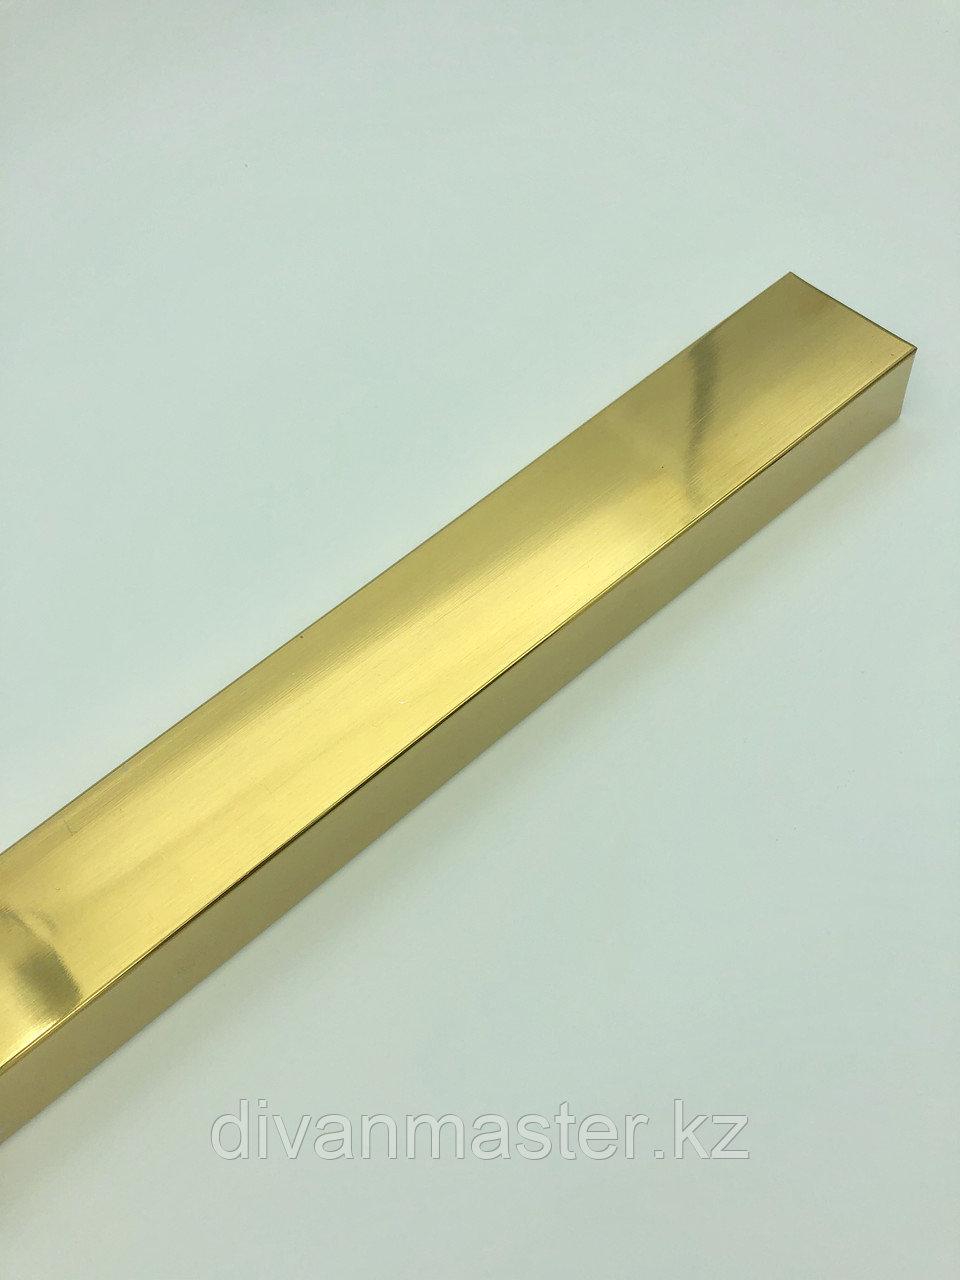 Труба квадратная 50*30 мм, золото, 3 метра